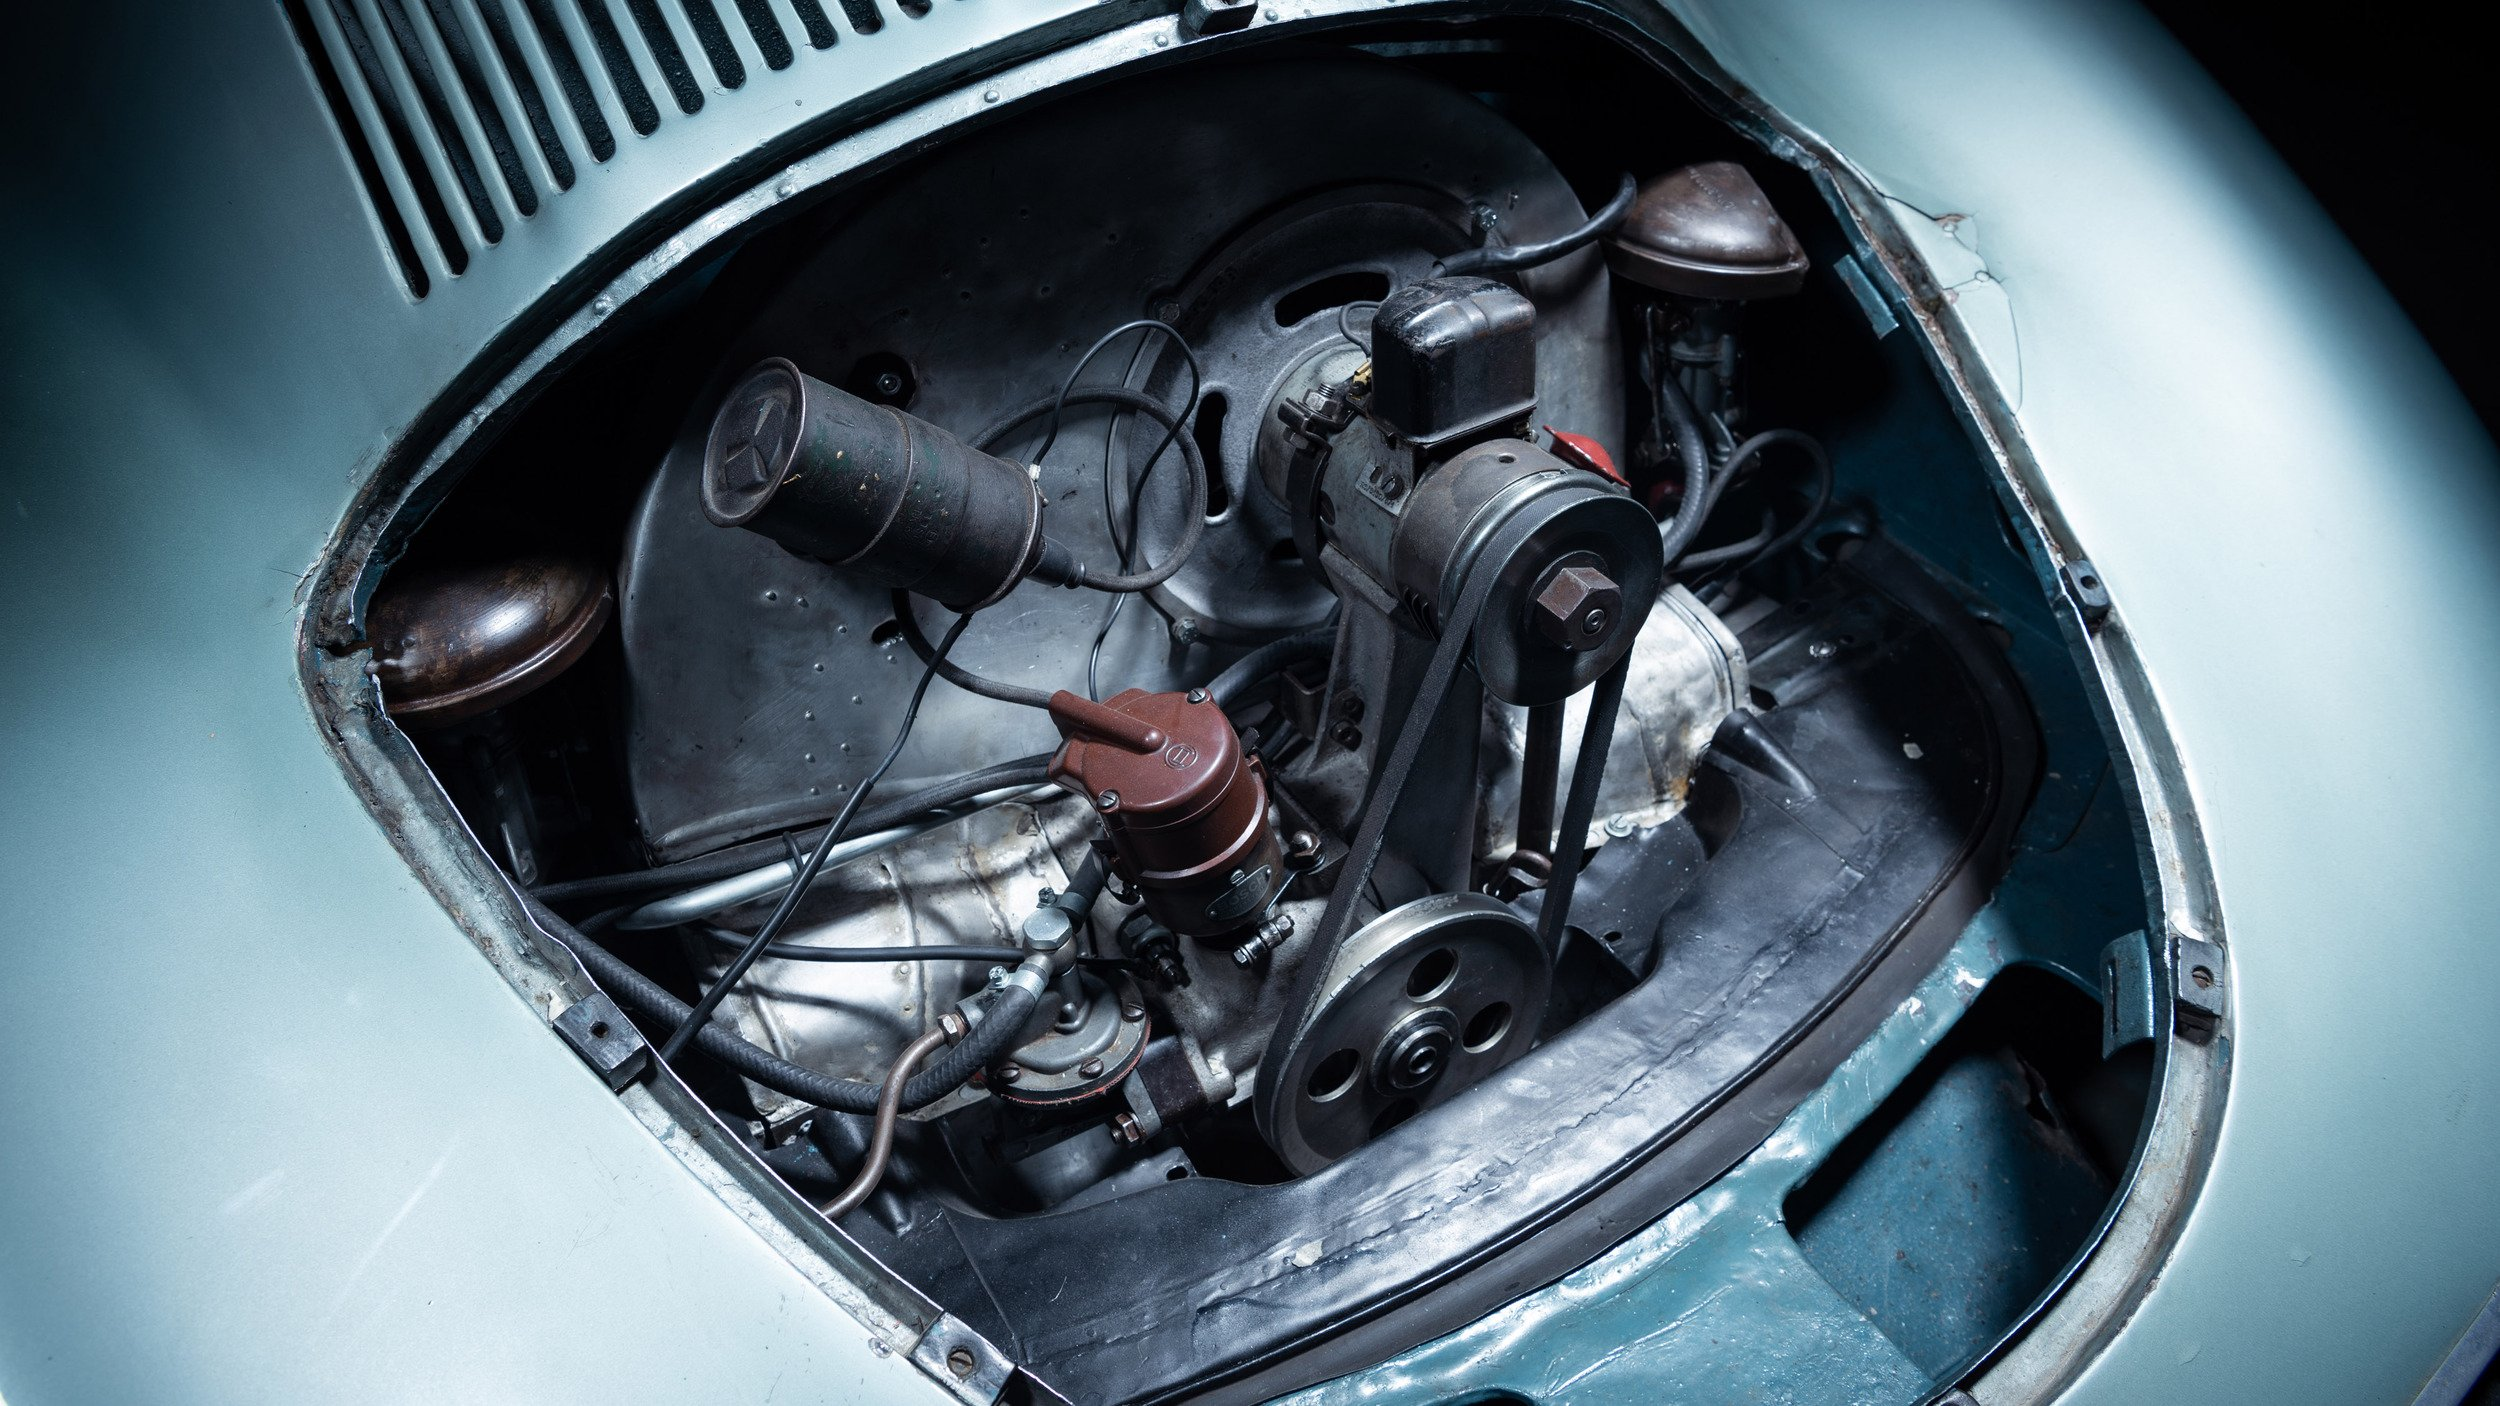 Porsche do pré-guerra, Type 64 é mais antigo que a própria fábrica alemã e tem o mesmo chassi que o primeiro Volkswagen Fusca.